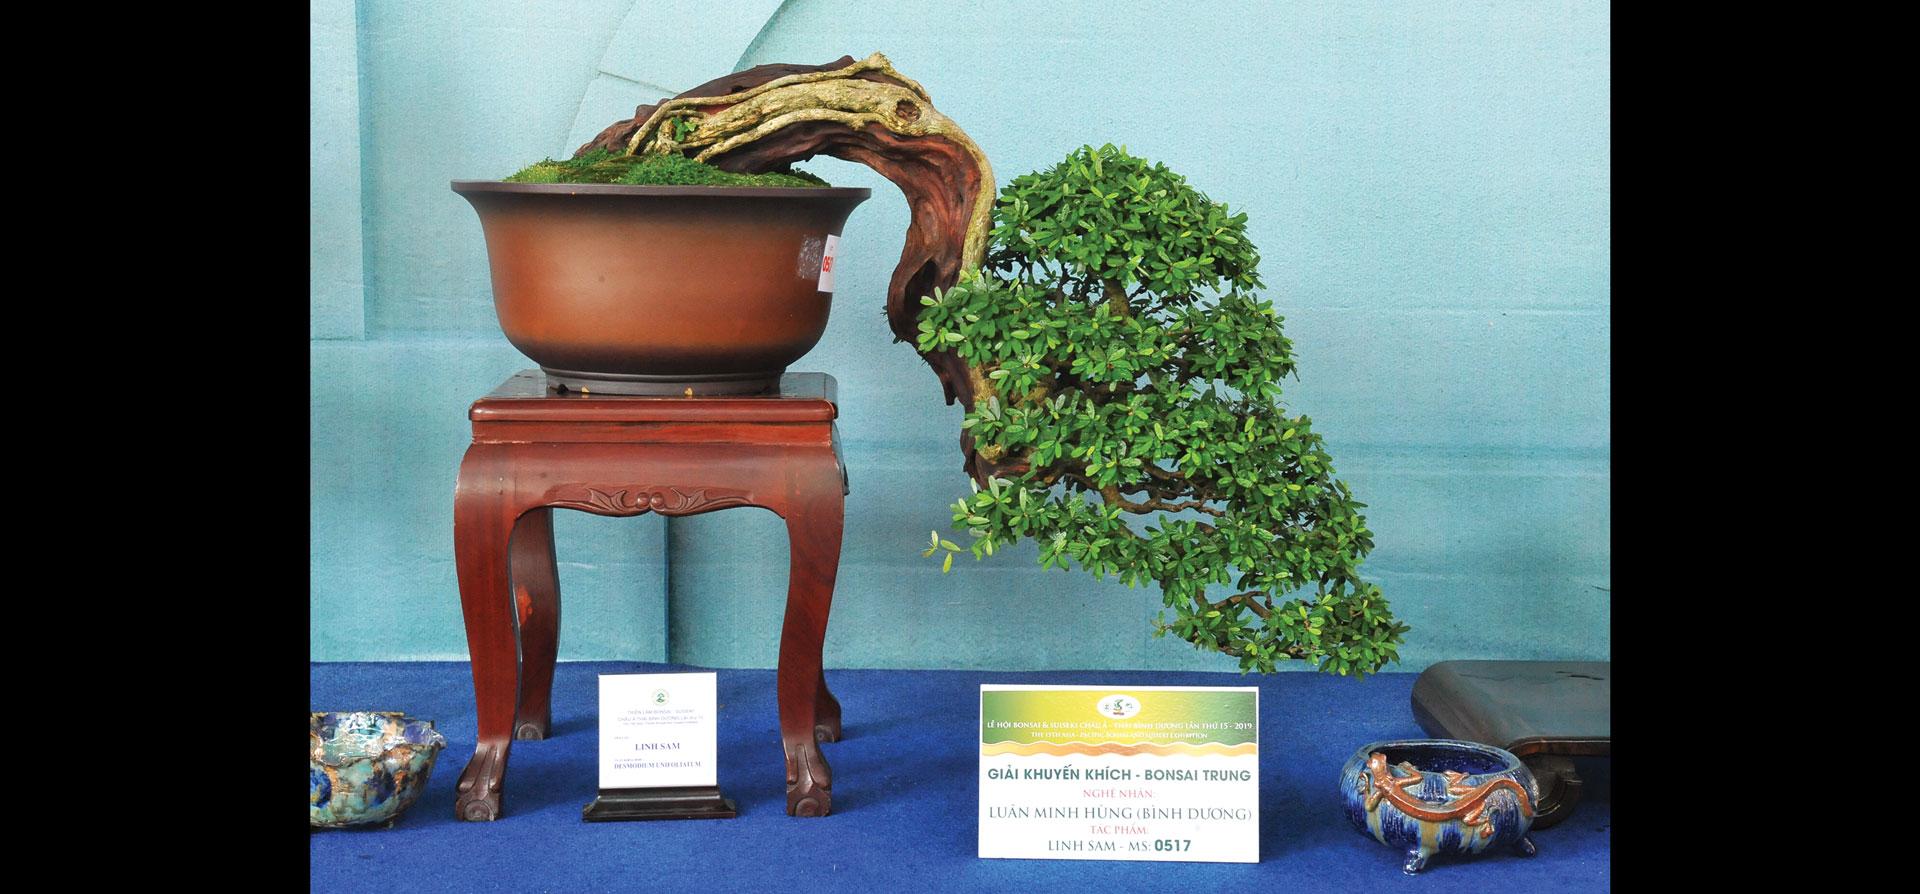 Nghệ thuật bonsai thú chơi tao nhã ảnh 8